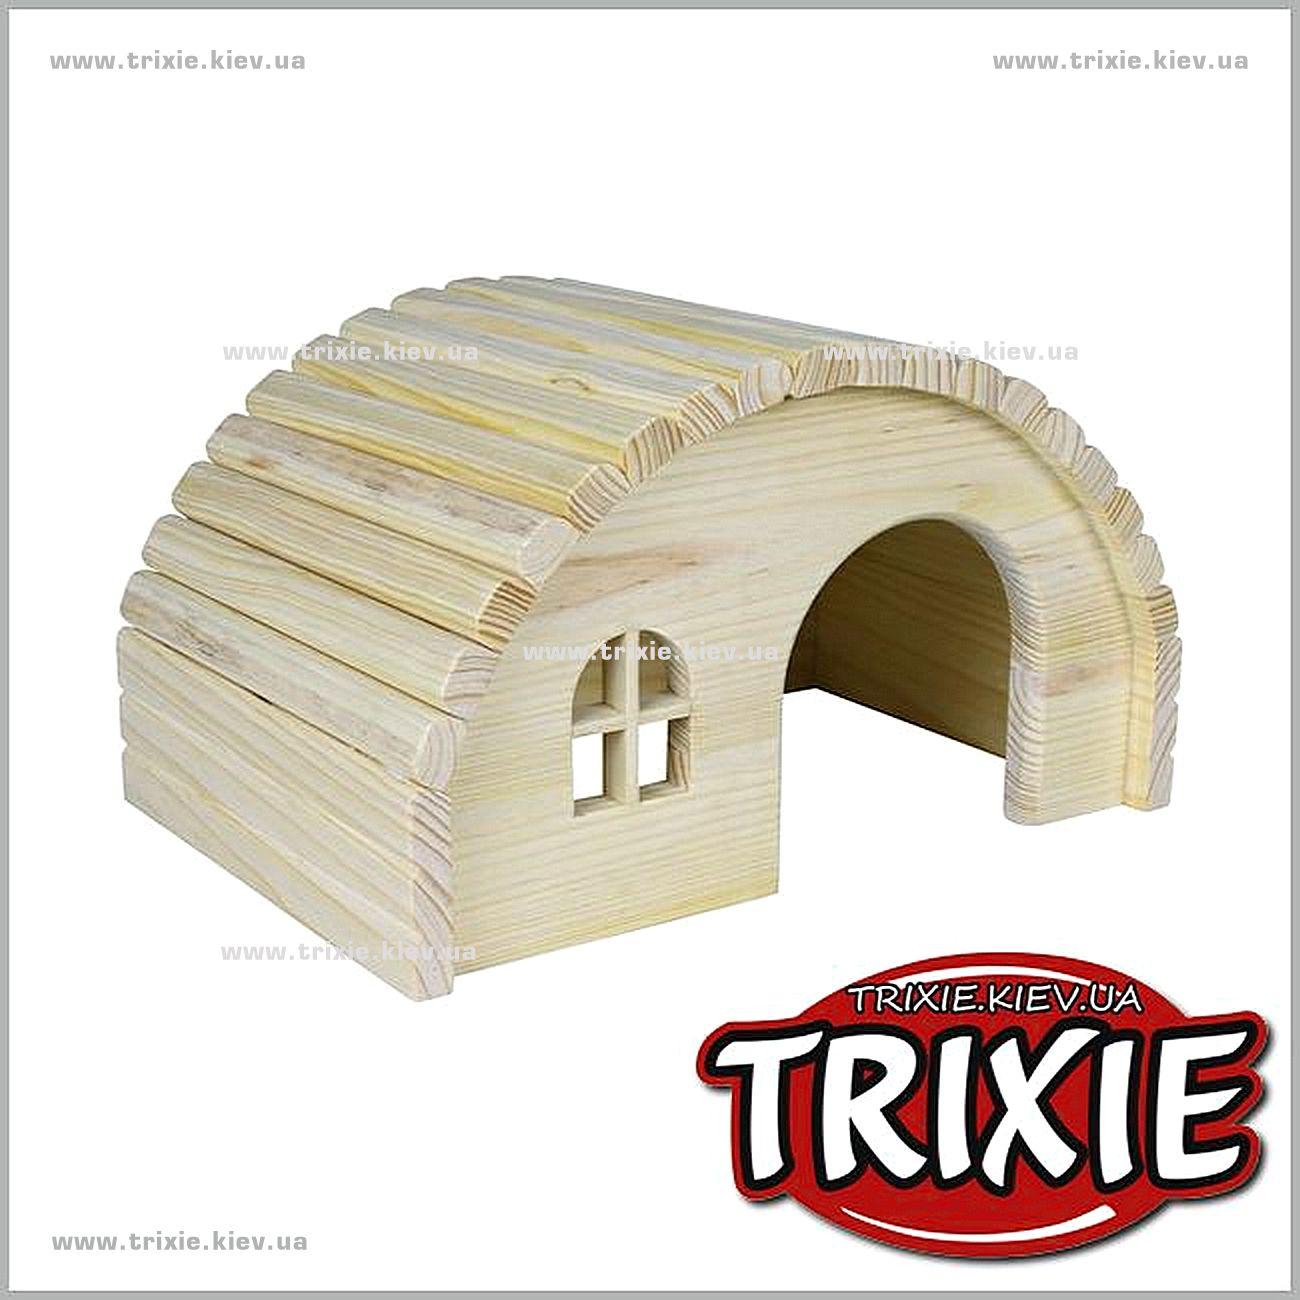 Как сделать туннель дома